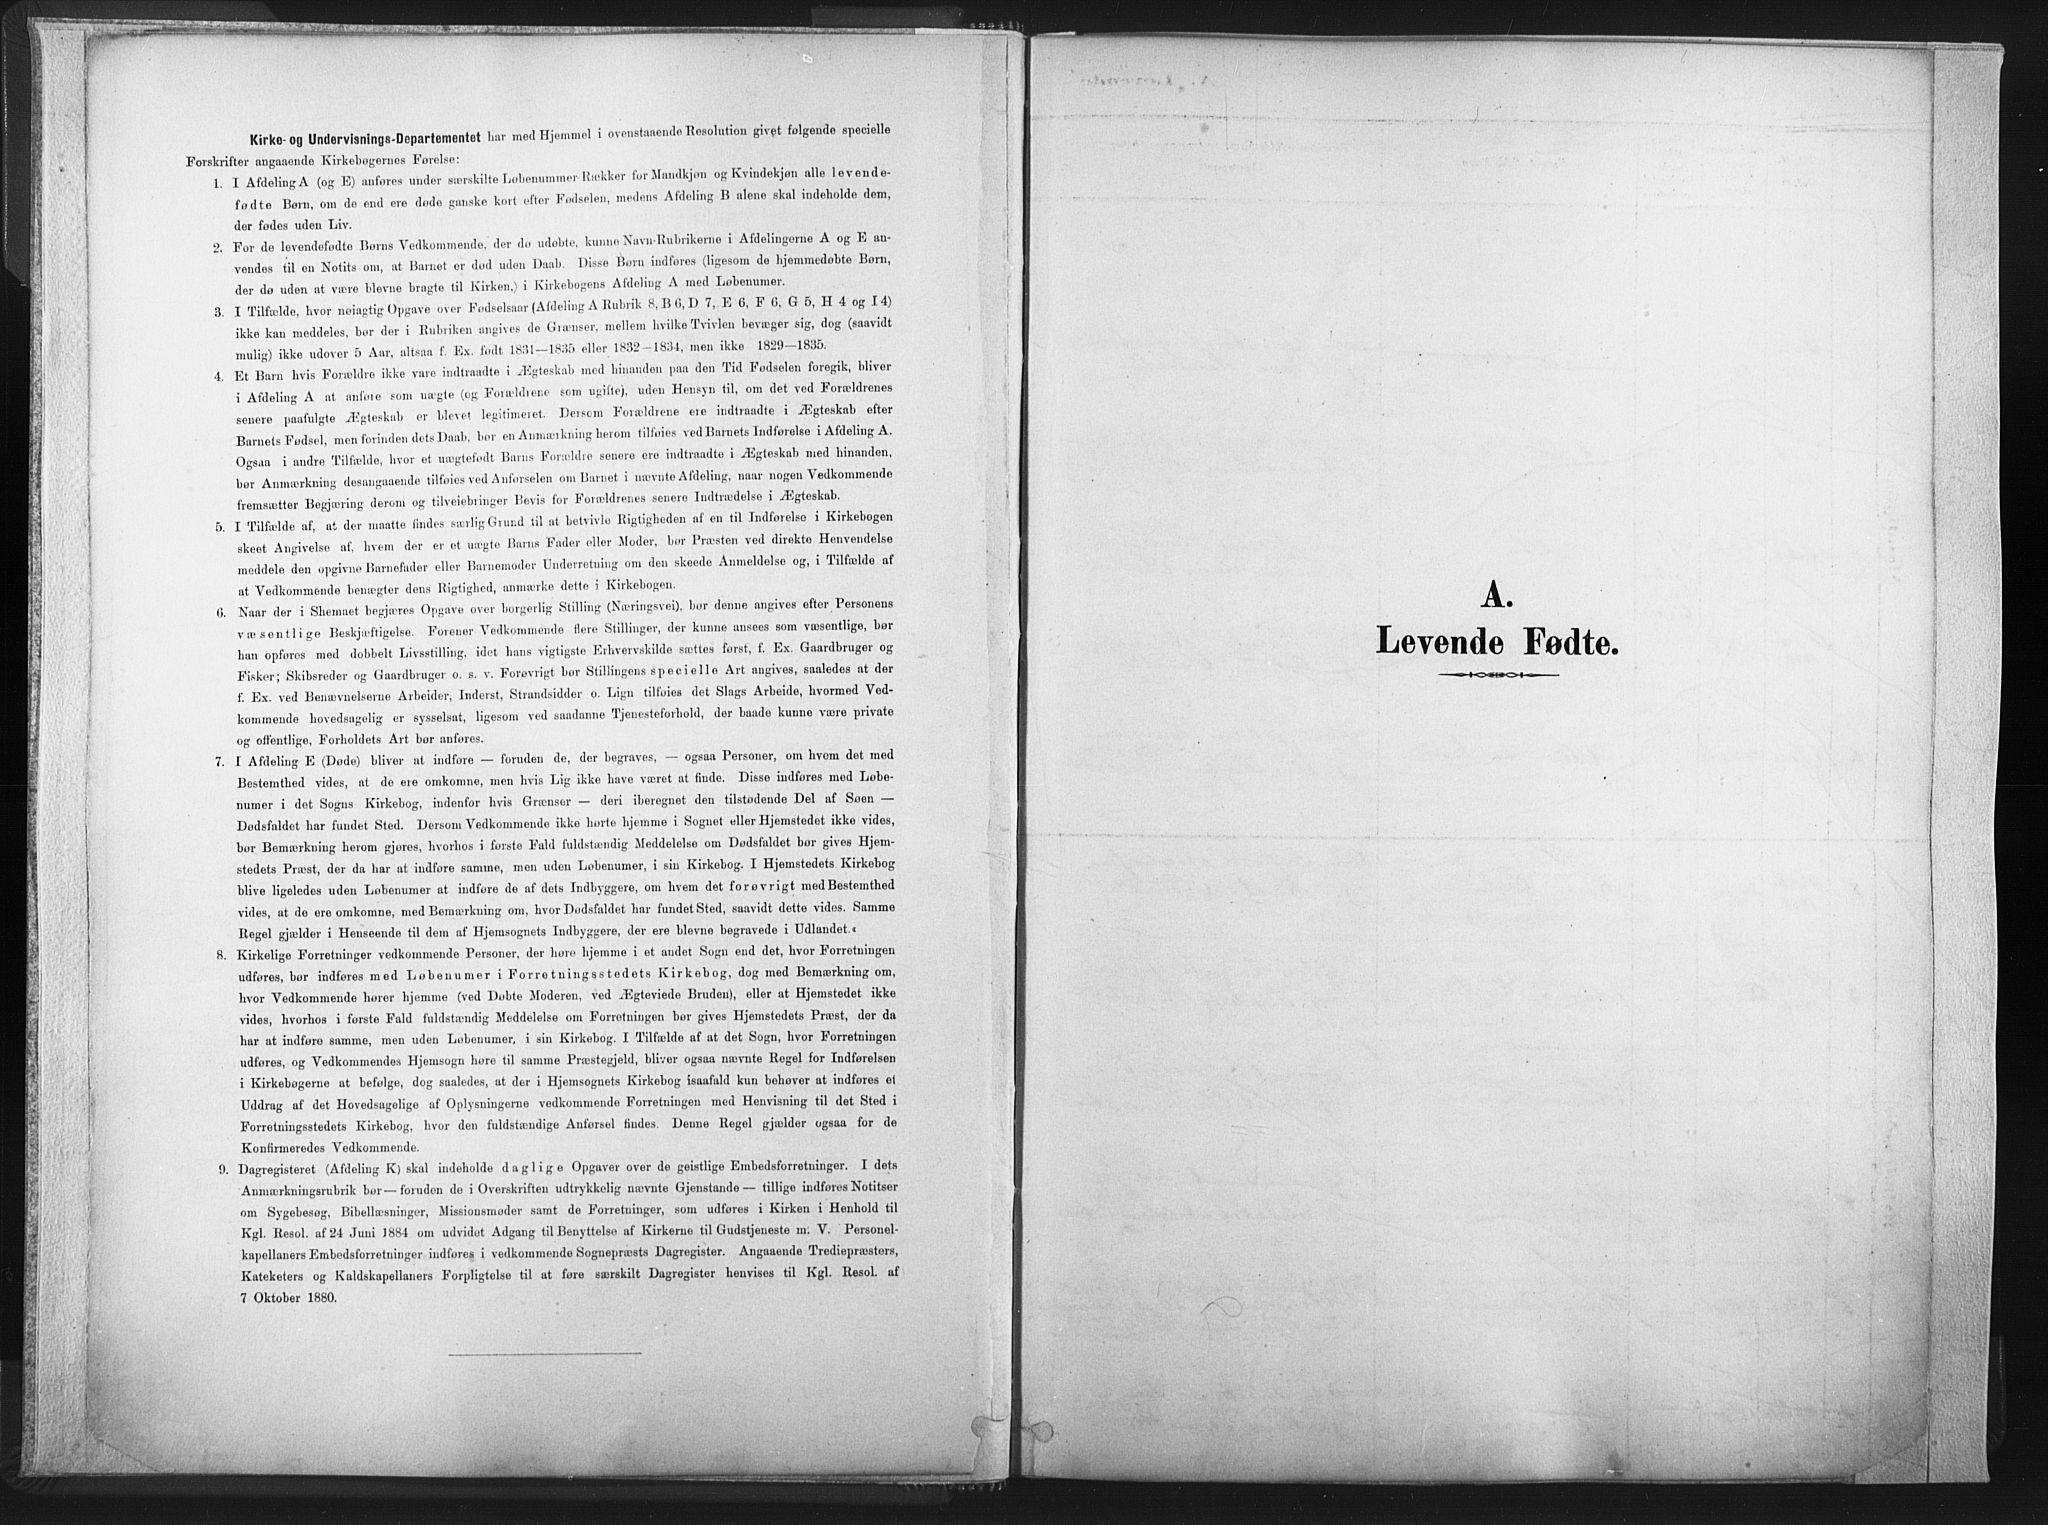 SAT, Ministerialprotokoller, klokkerbøker og fødselsregistre - Nord-Trøndelag, 749/L0474: Ministerialbok nr. 749A08, 1887-1903